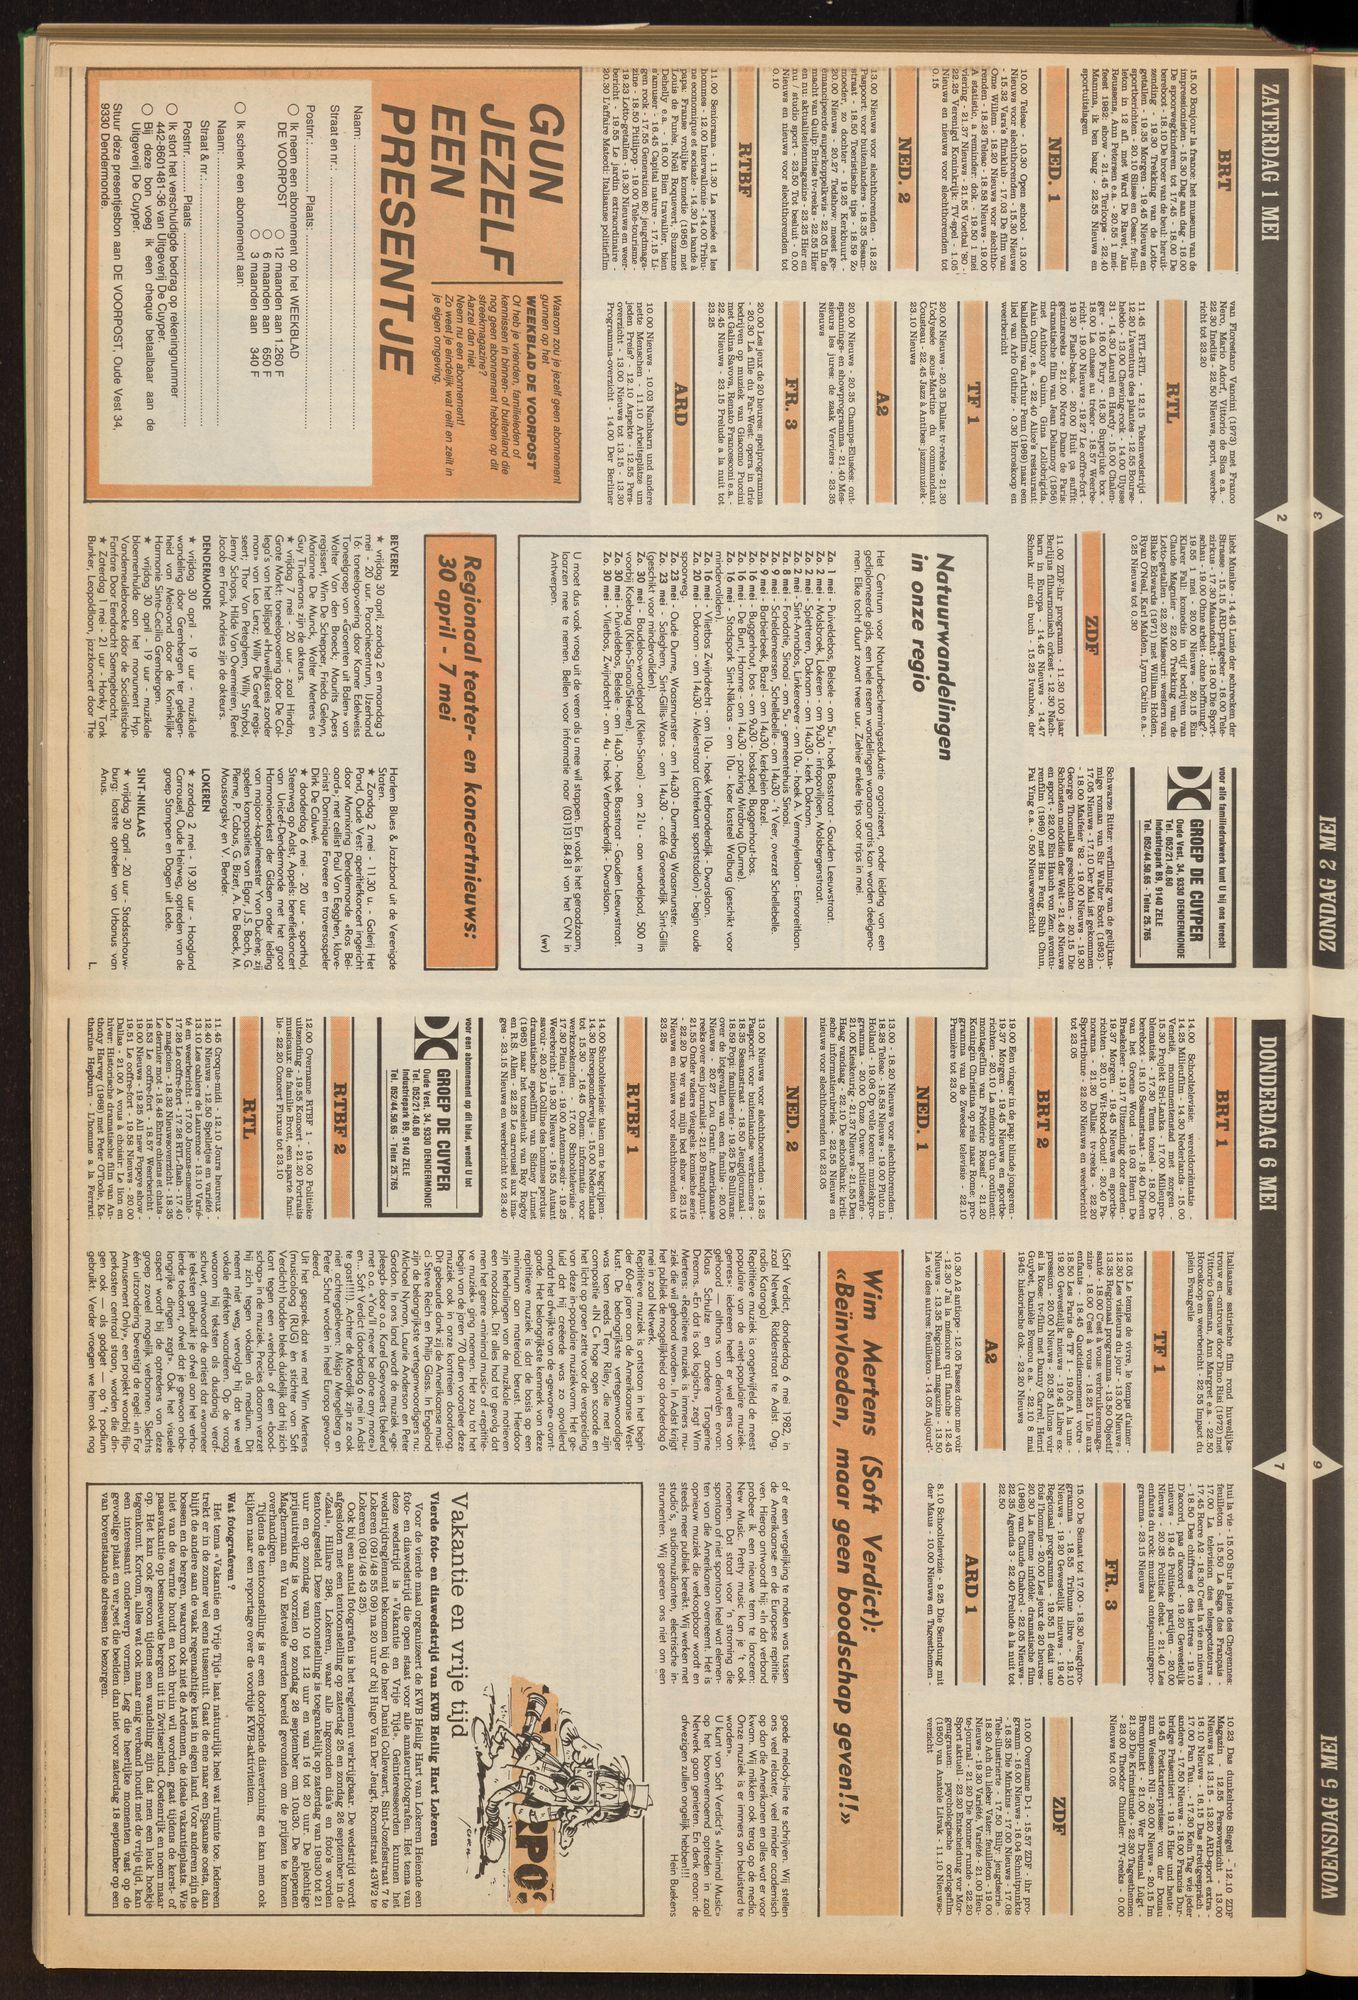 DE_VOORPOST 1982-04-30 p12